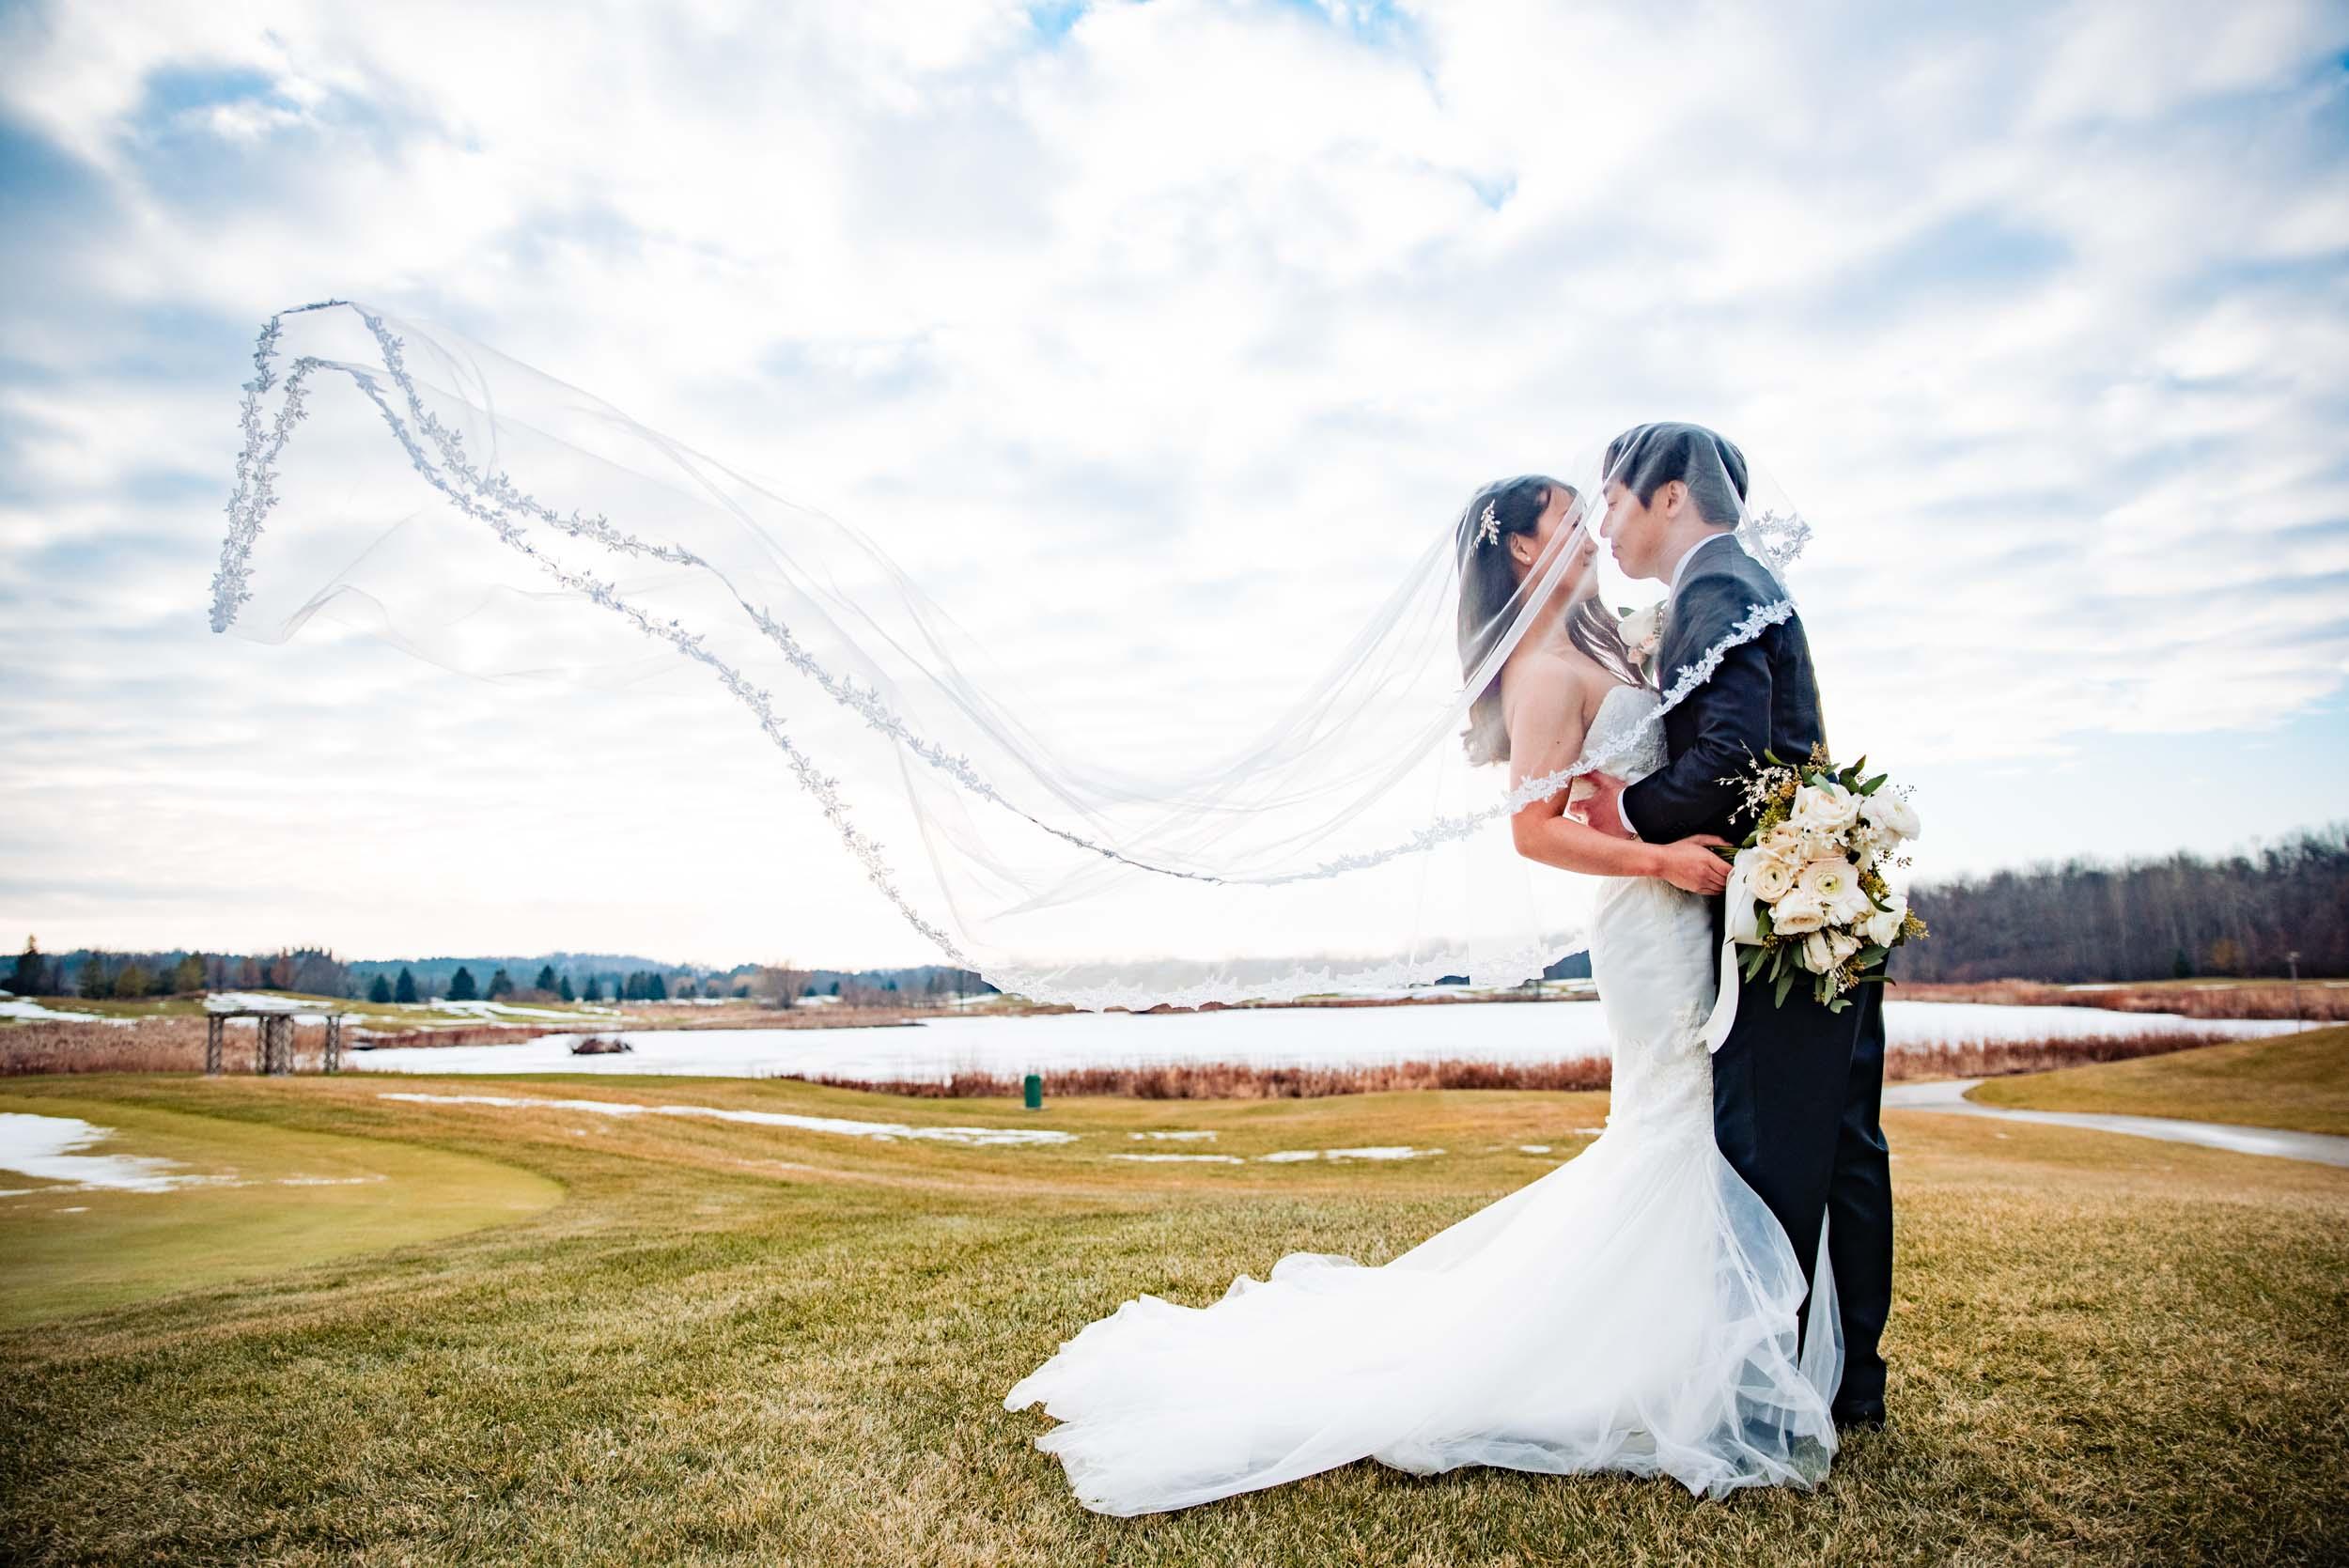 toronto-london-ontario-wedding-photographer-winter-veil.jpg